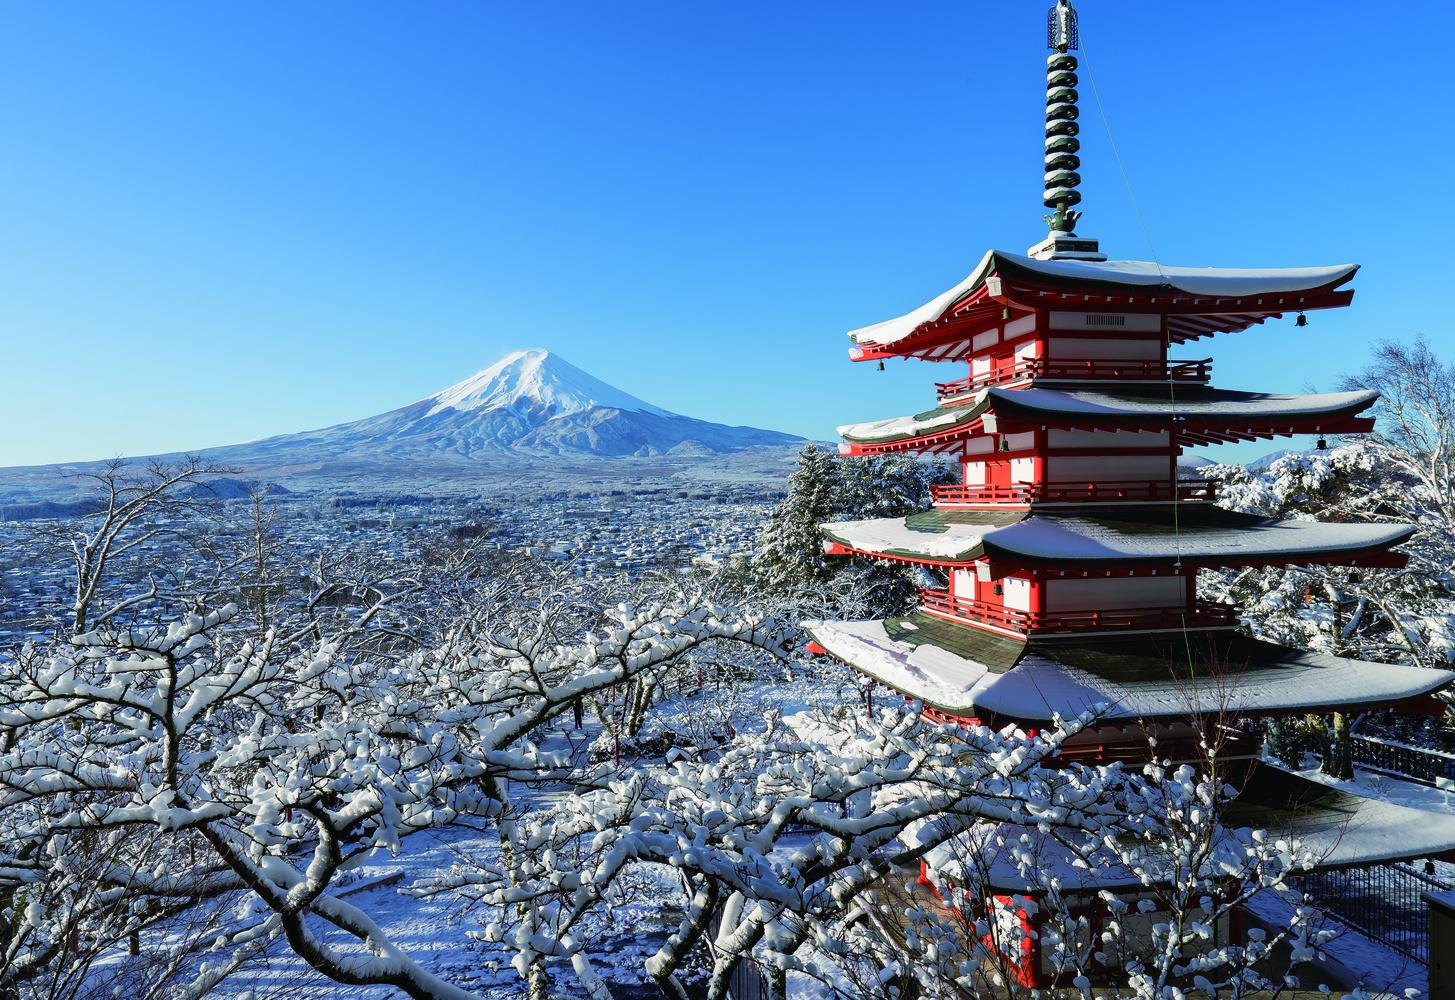 snow day by kousuke kitajima